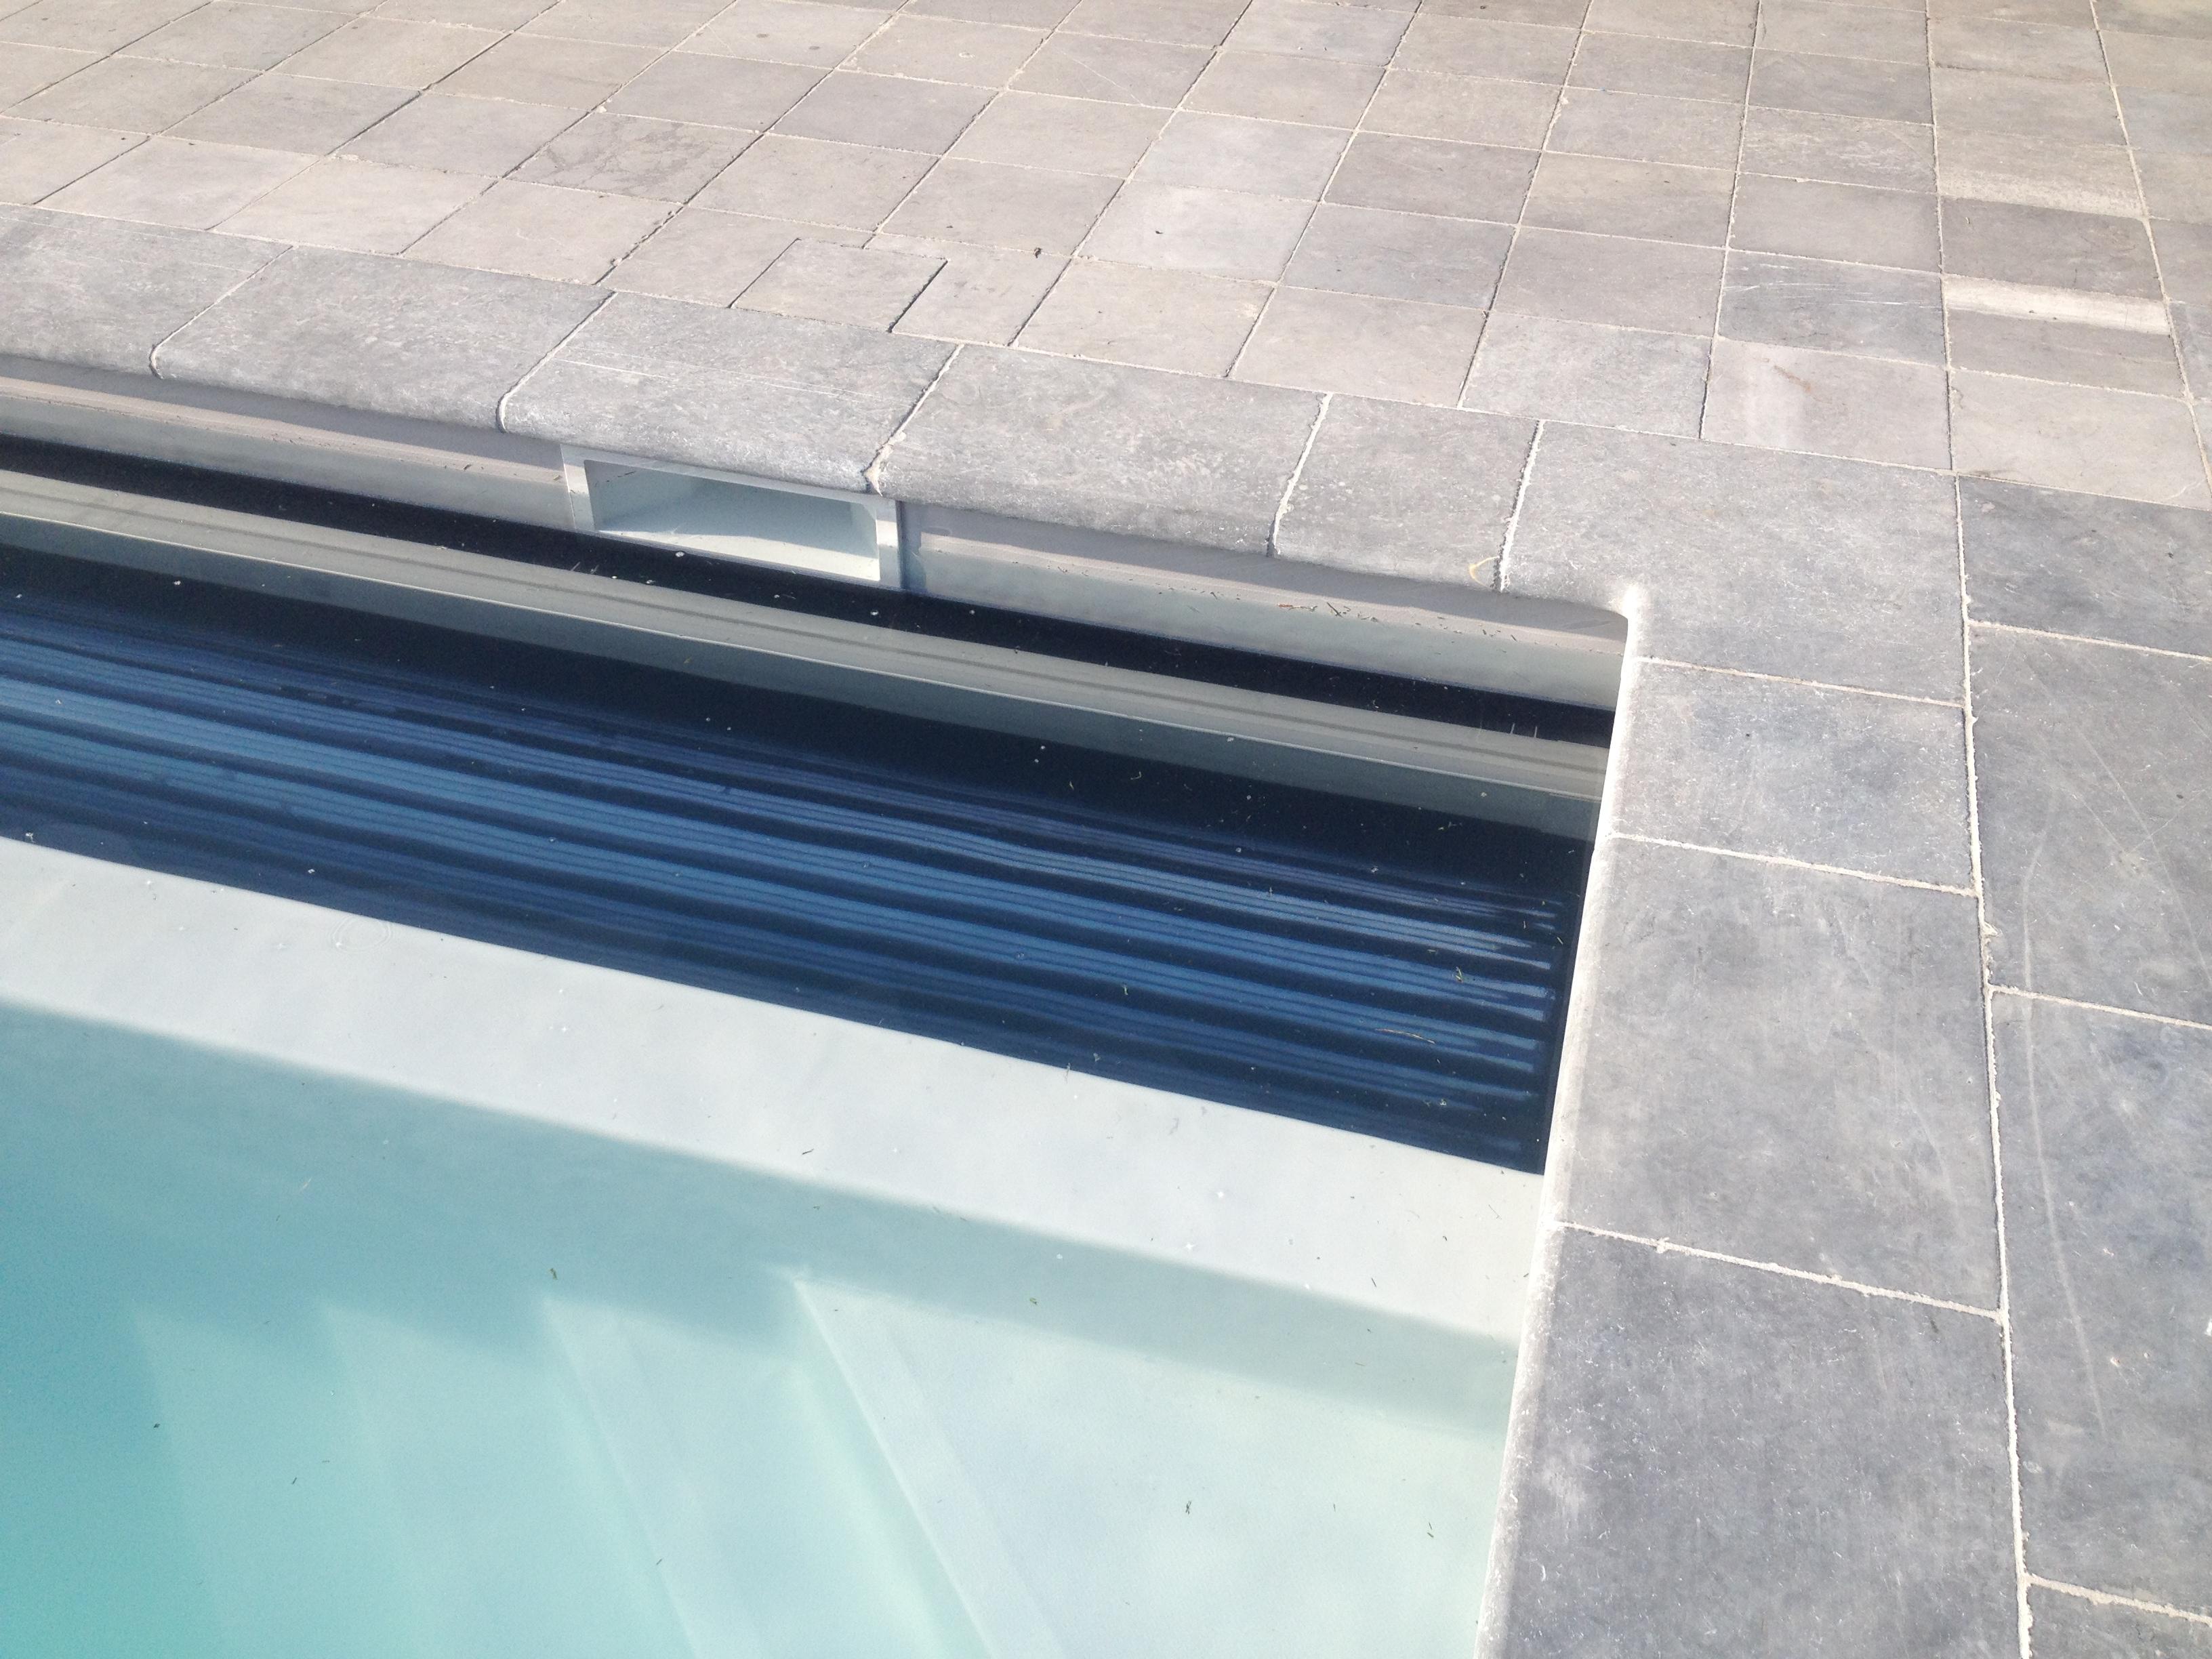 platen of tegels over rolluikbak gezocht   Zwembad Forum